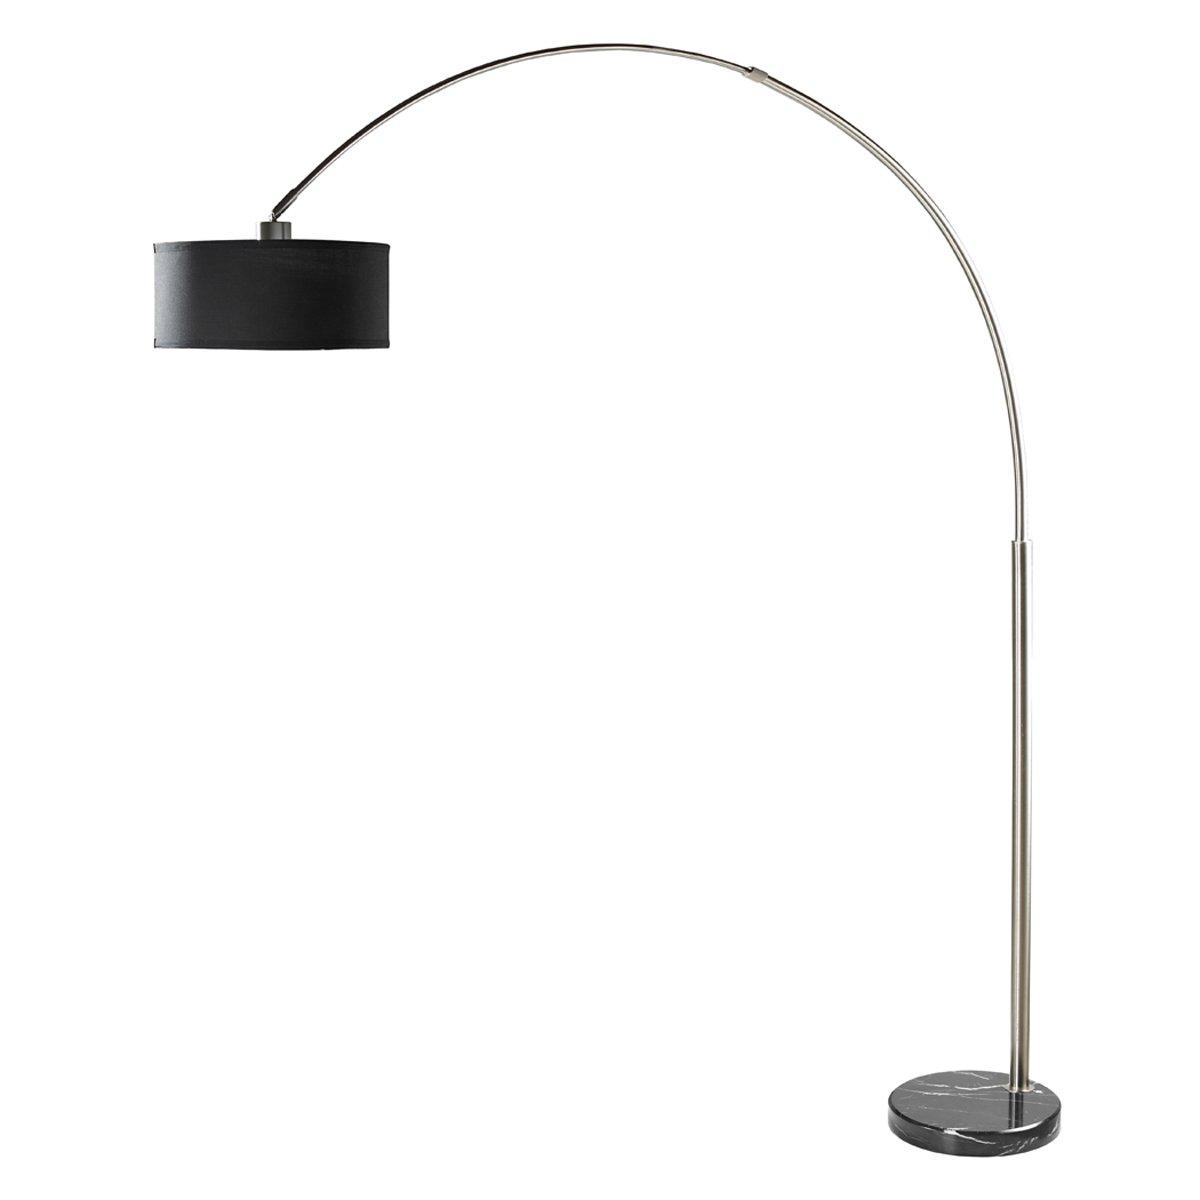 milton greens stars sophia adjustable arc floor lamp with marble base ebay. Black Bedroom Furniture Sets. Home Design Ideas